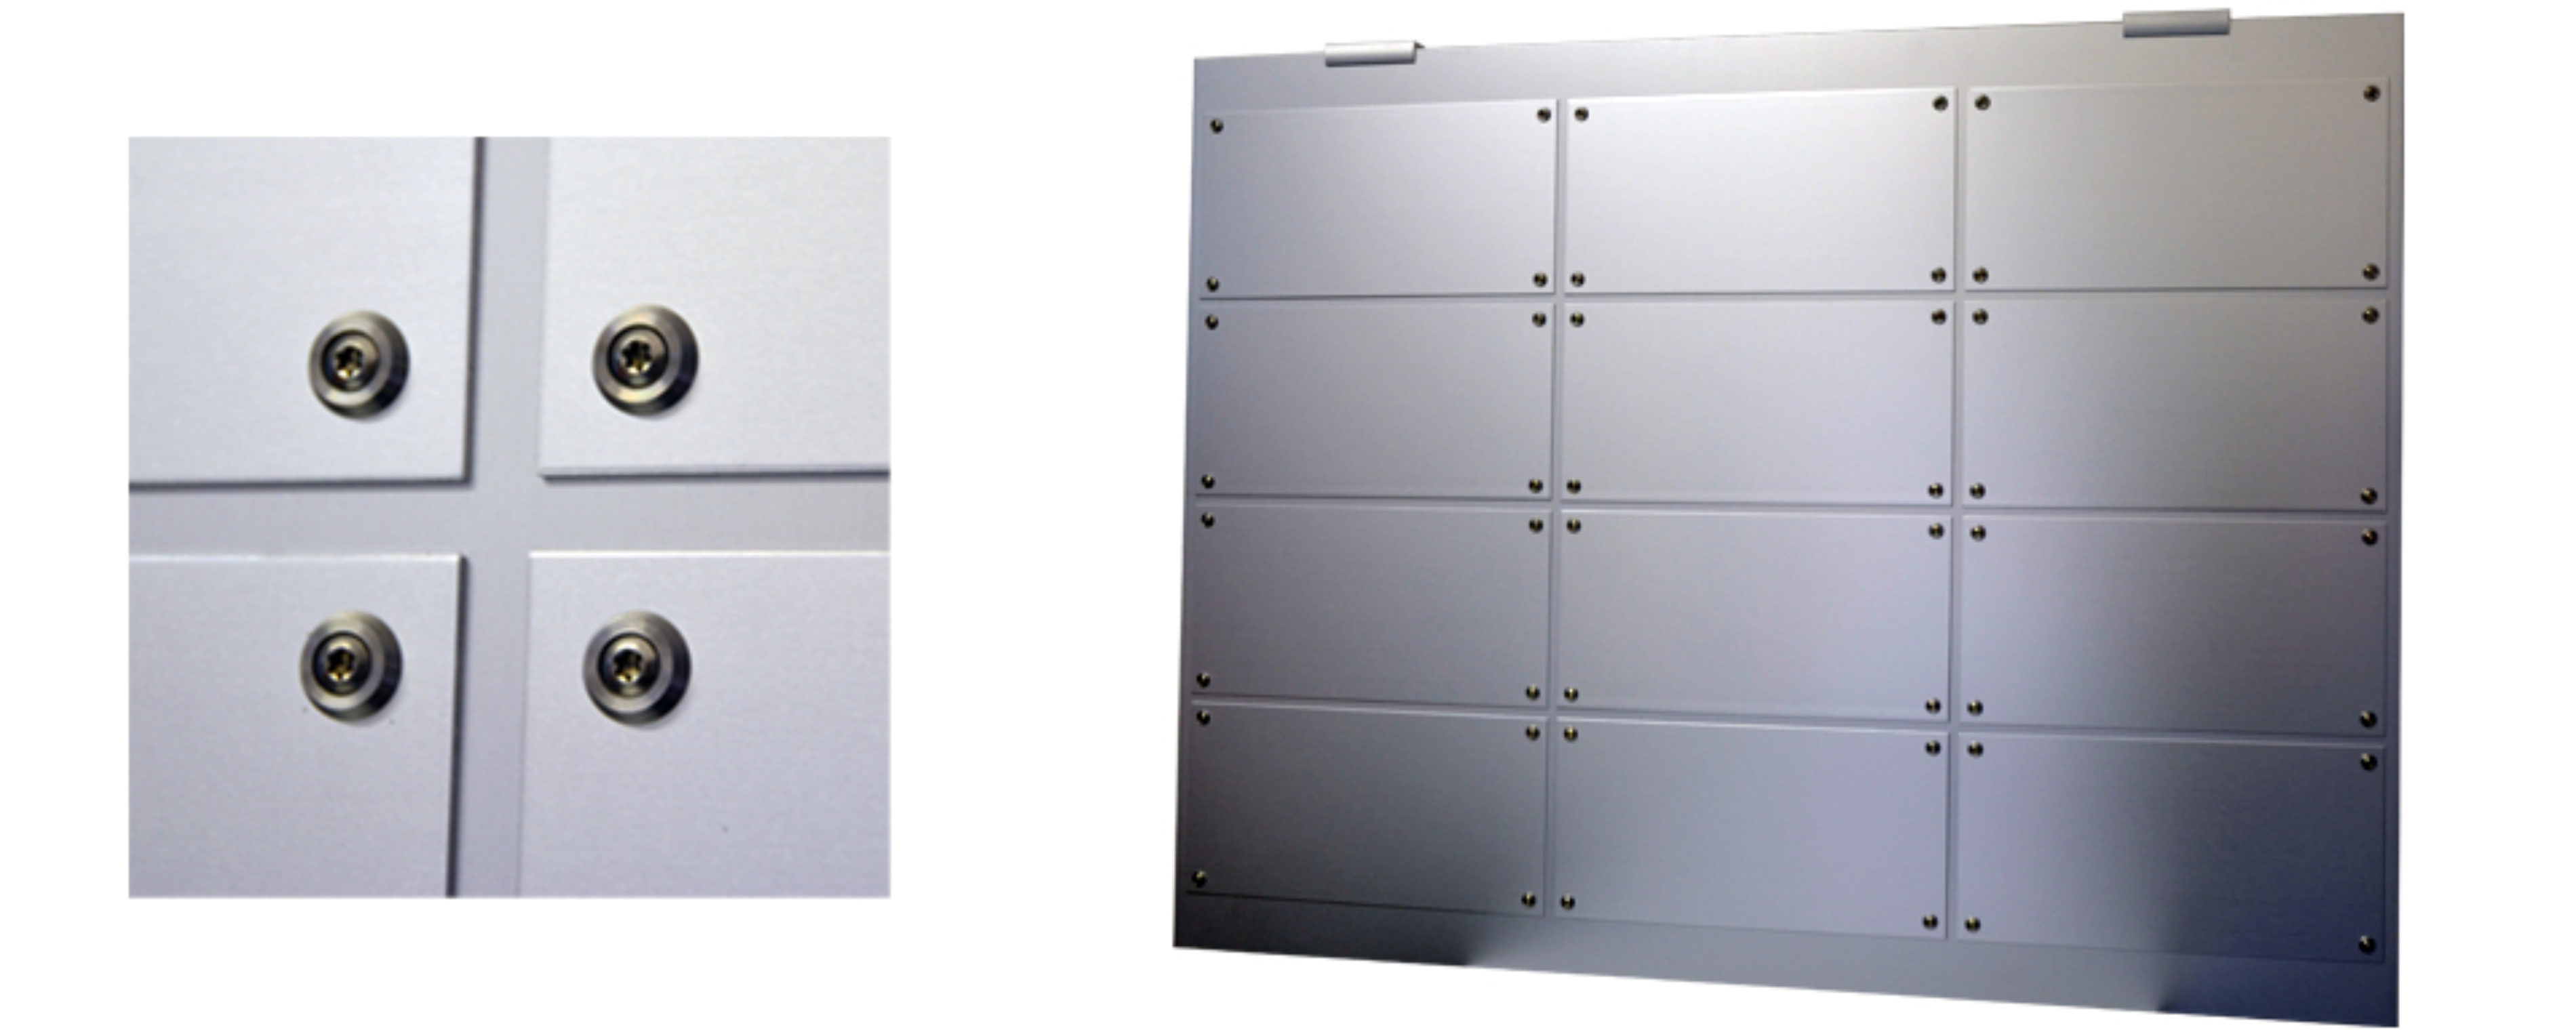 portatarghe_alluminio